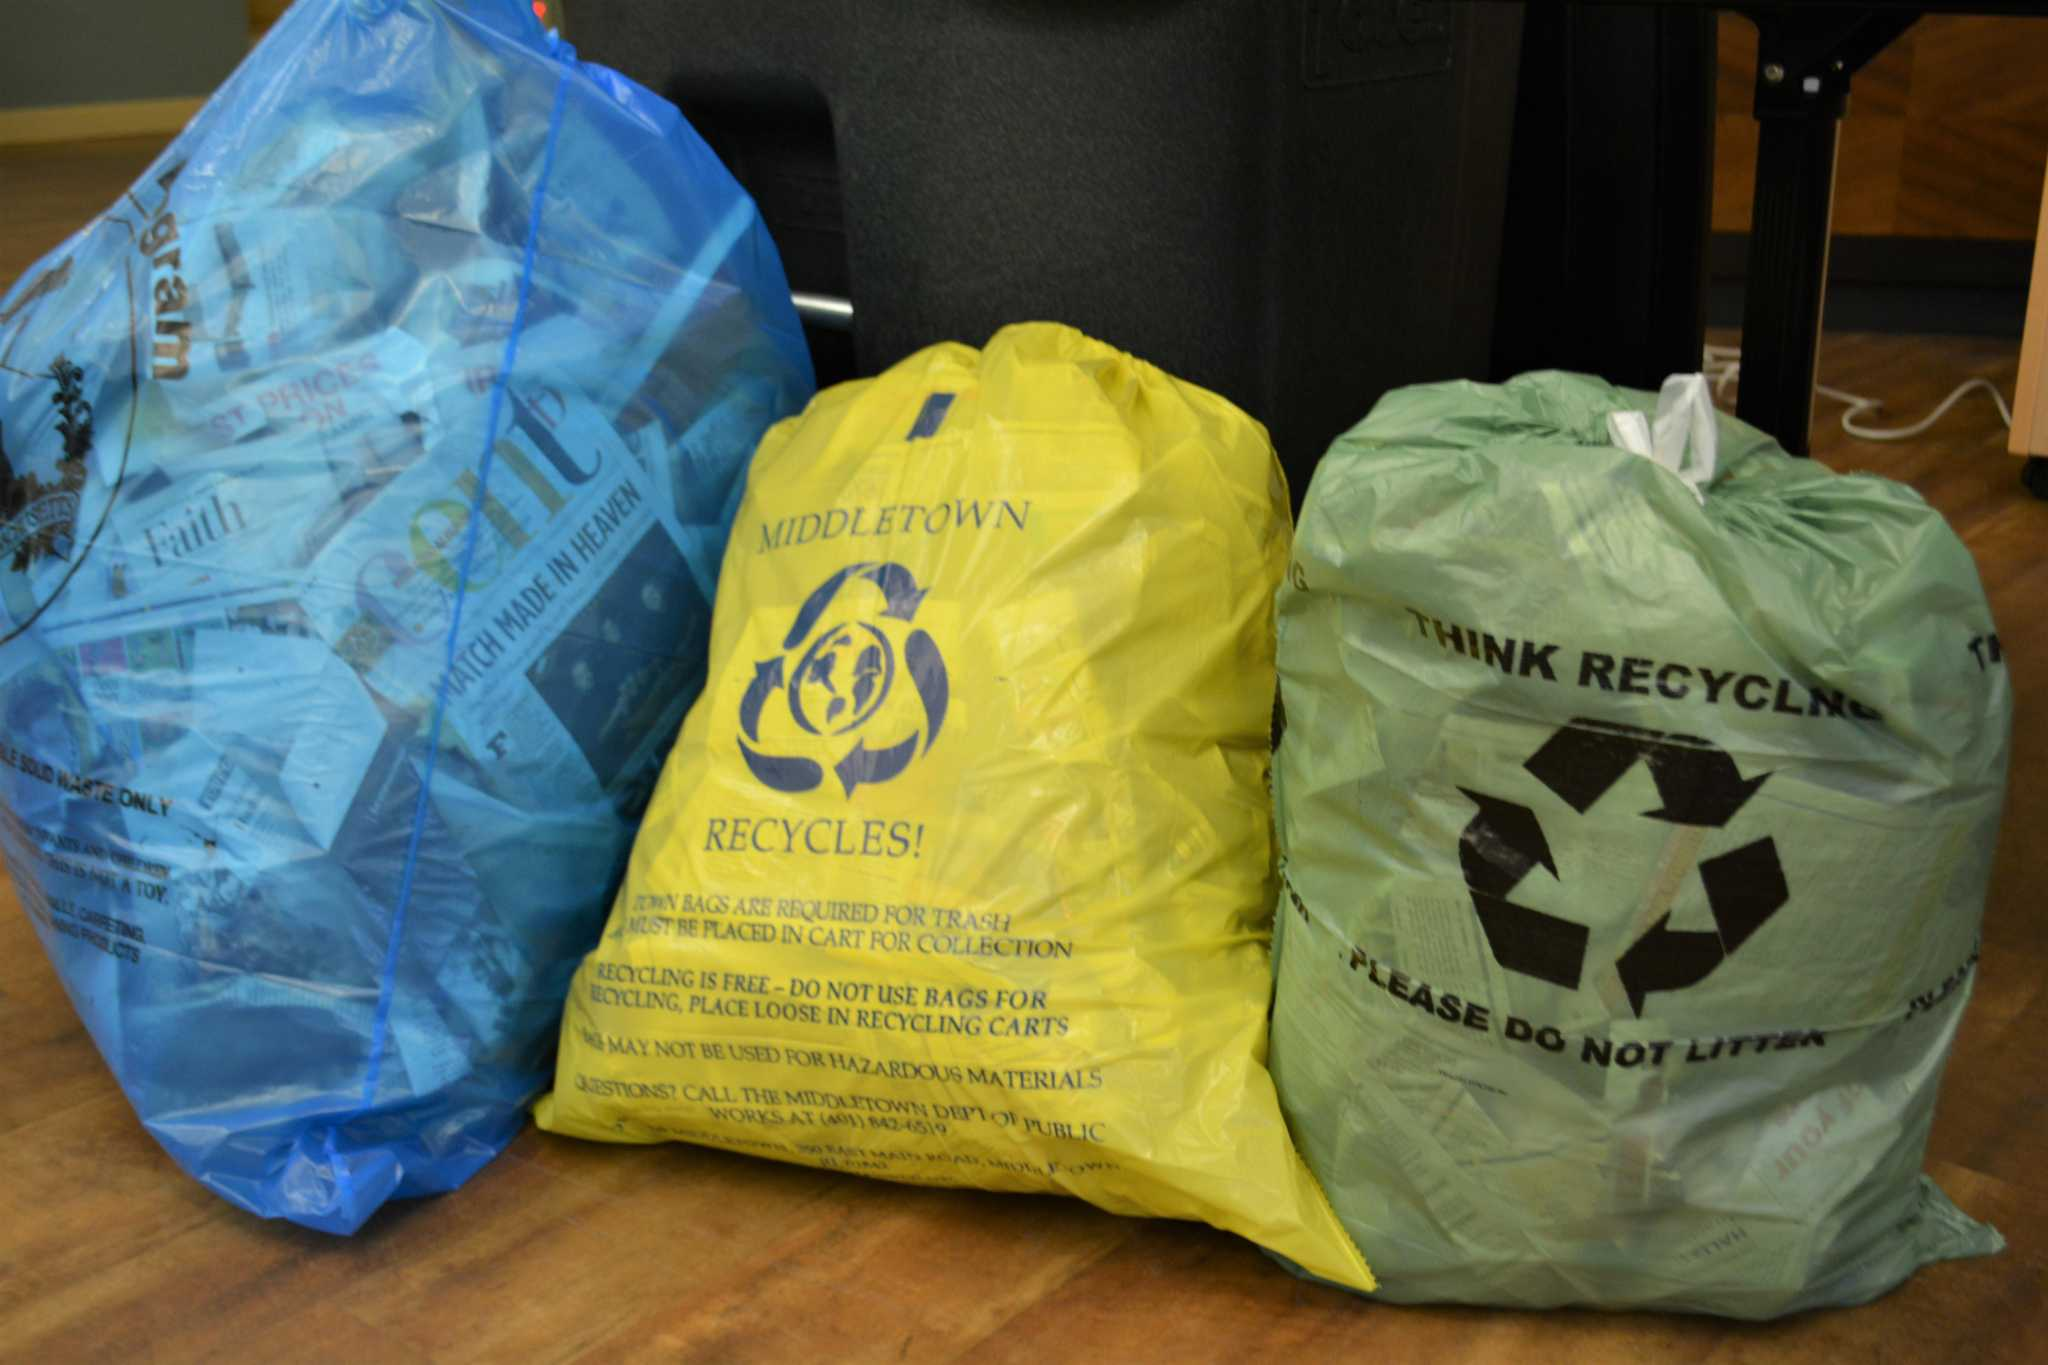 torrington residents balk at smart trash program - the